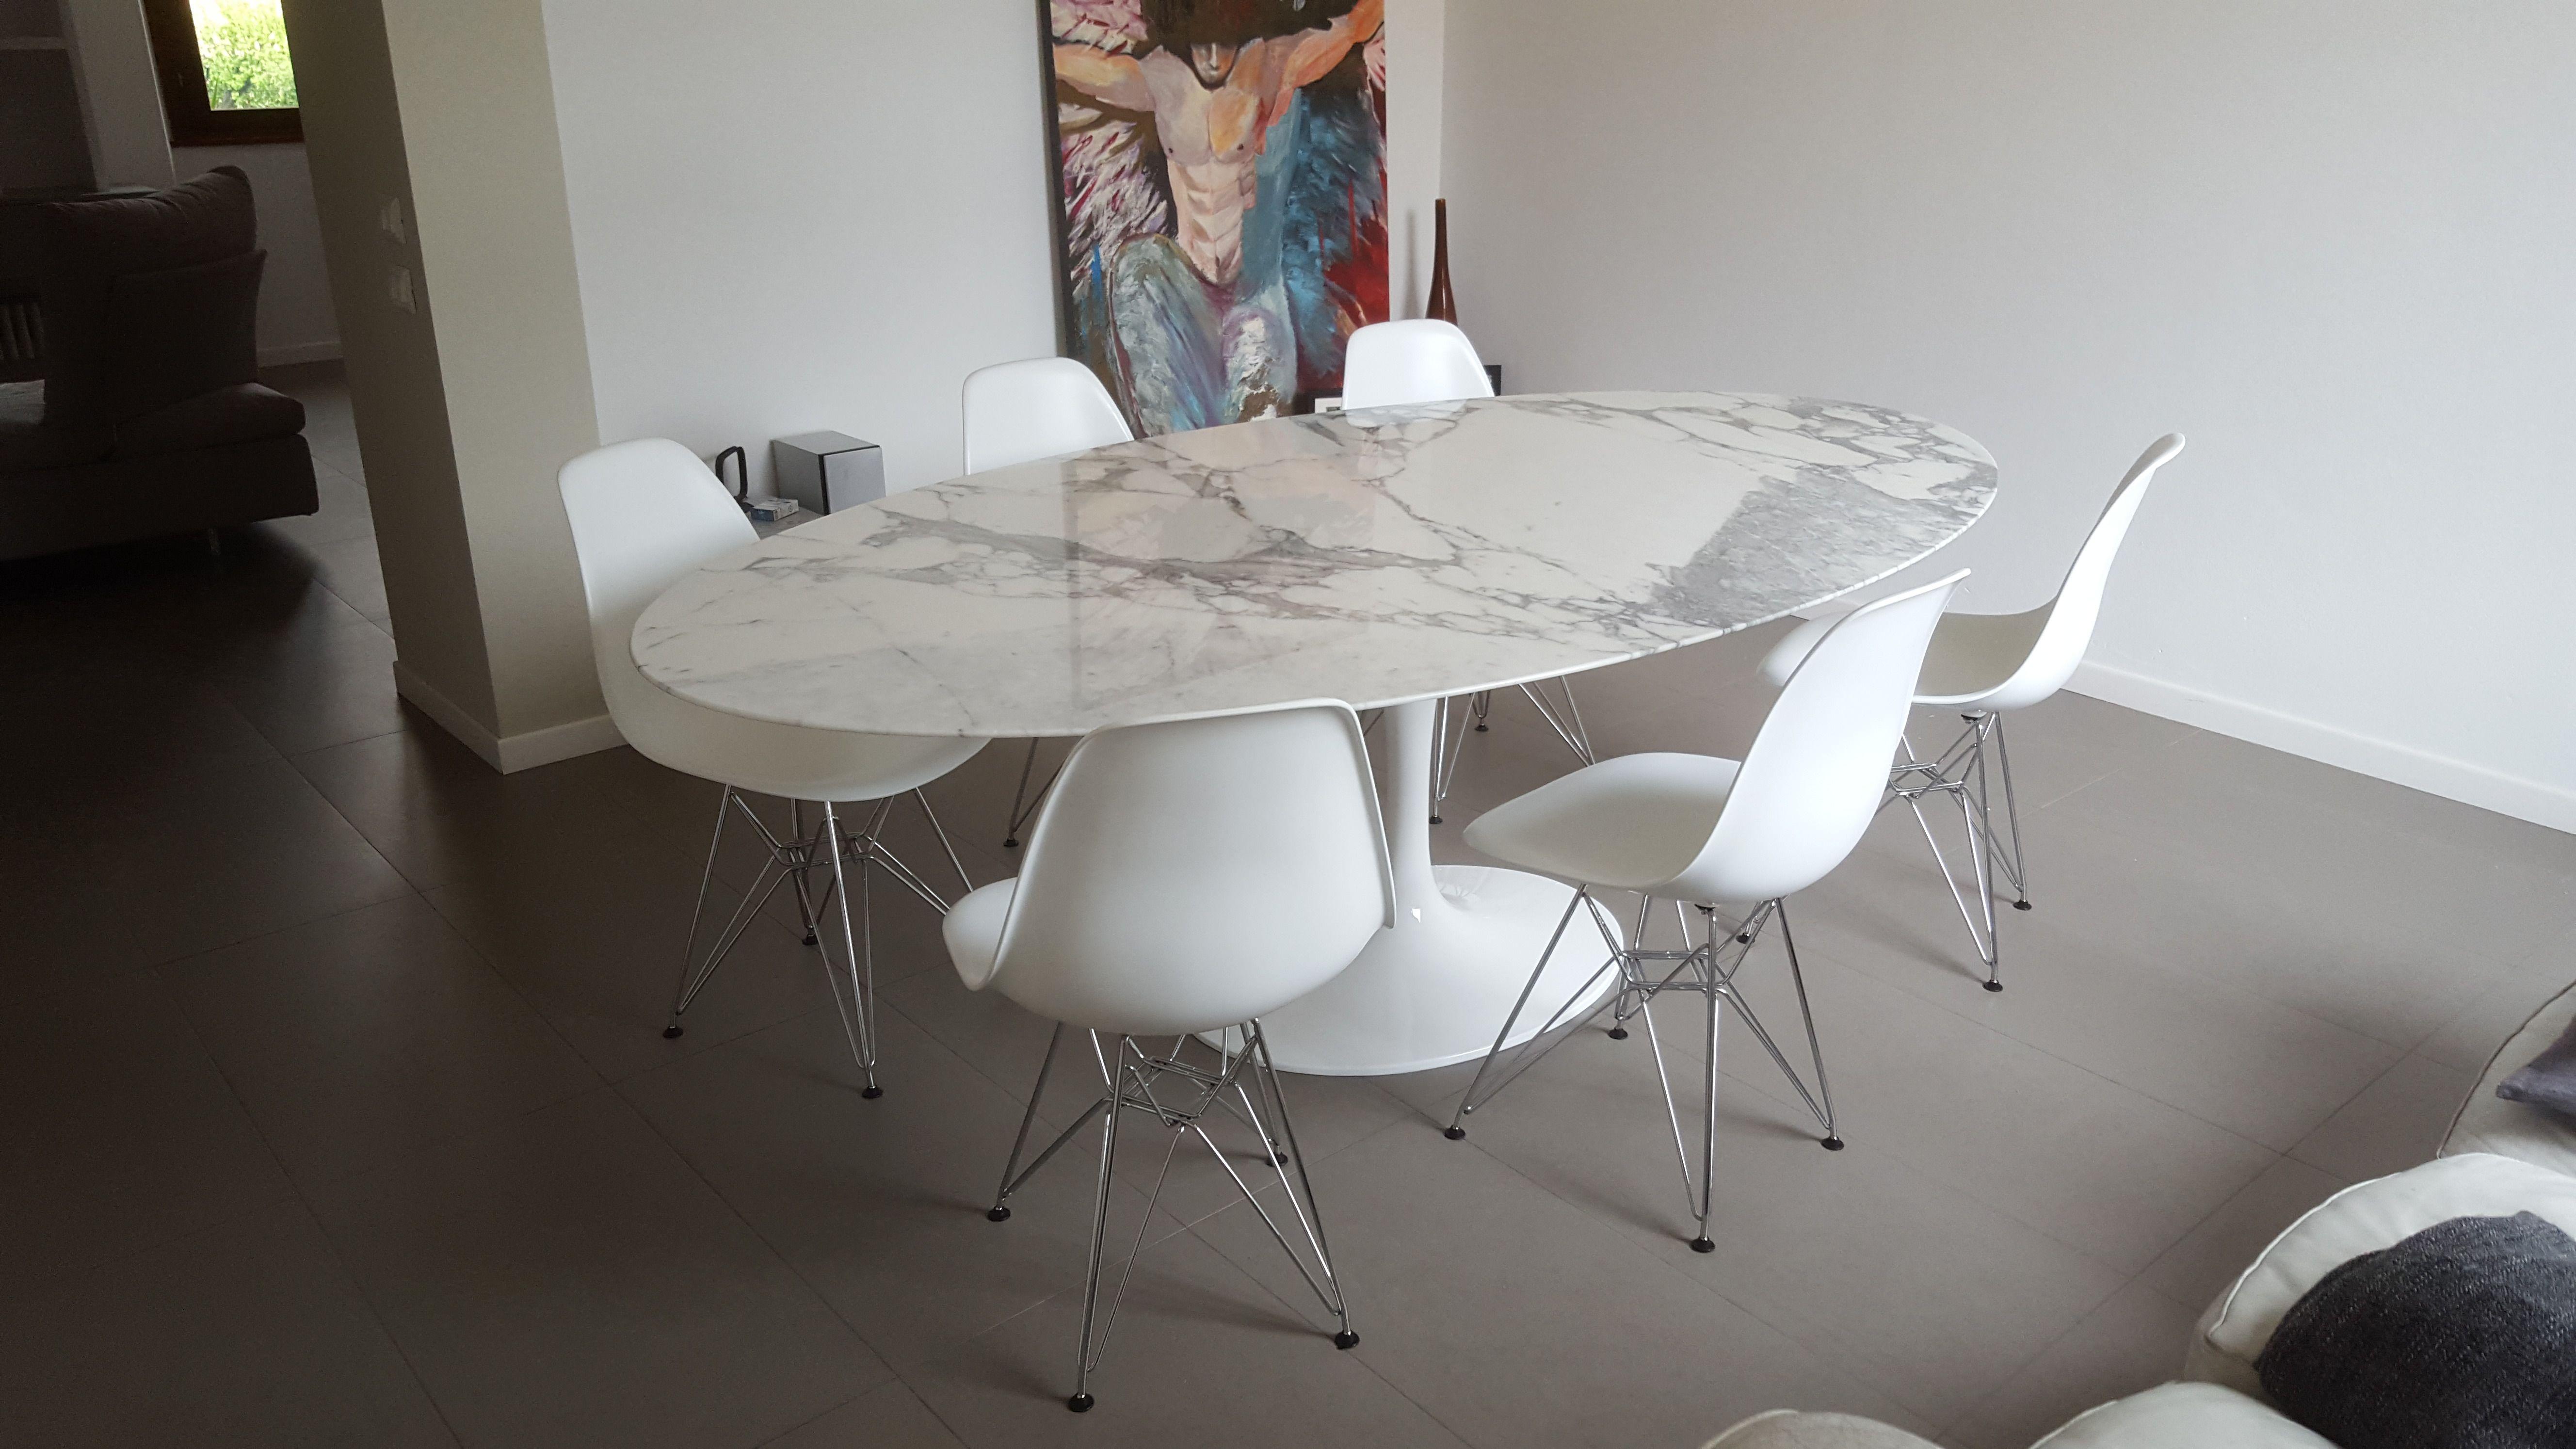 Tavolo Saarinen Marmo : Tulip table saarinen tavolo design marmo made in italy